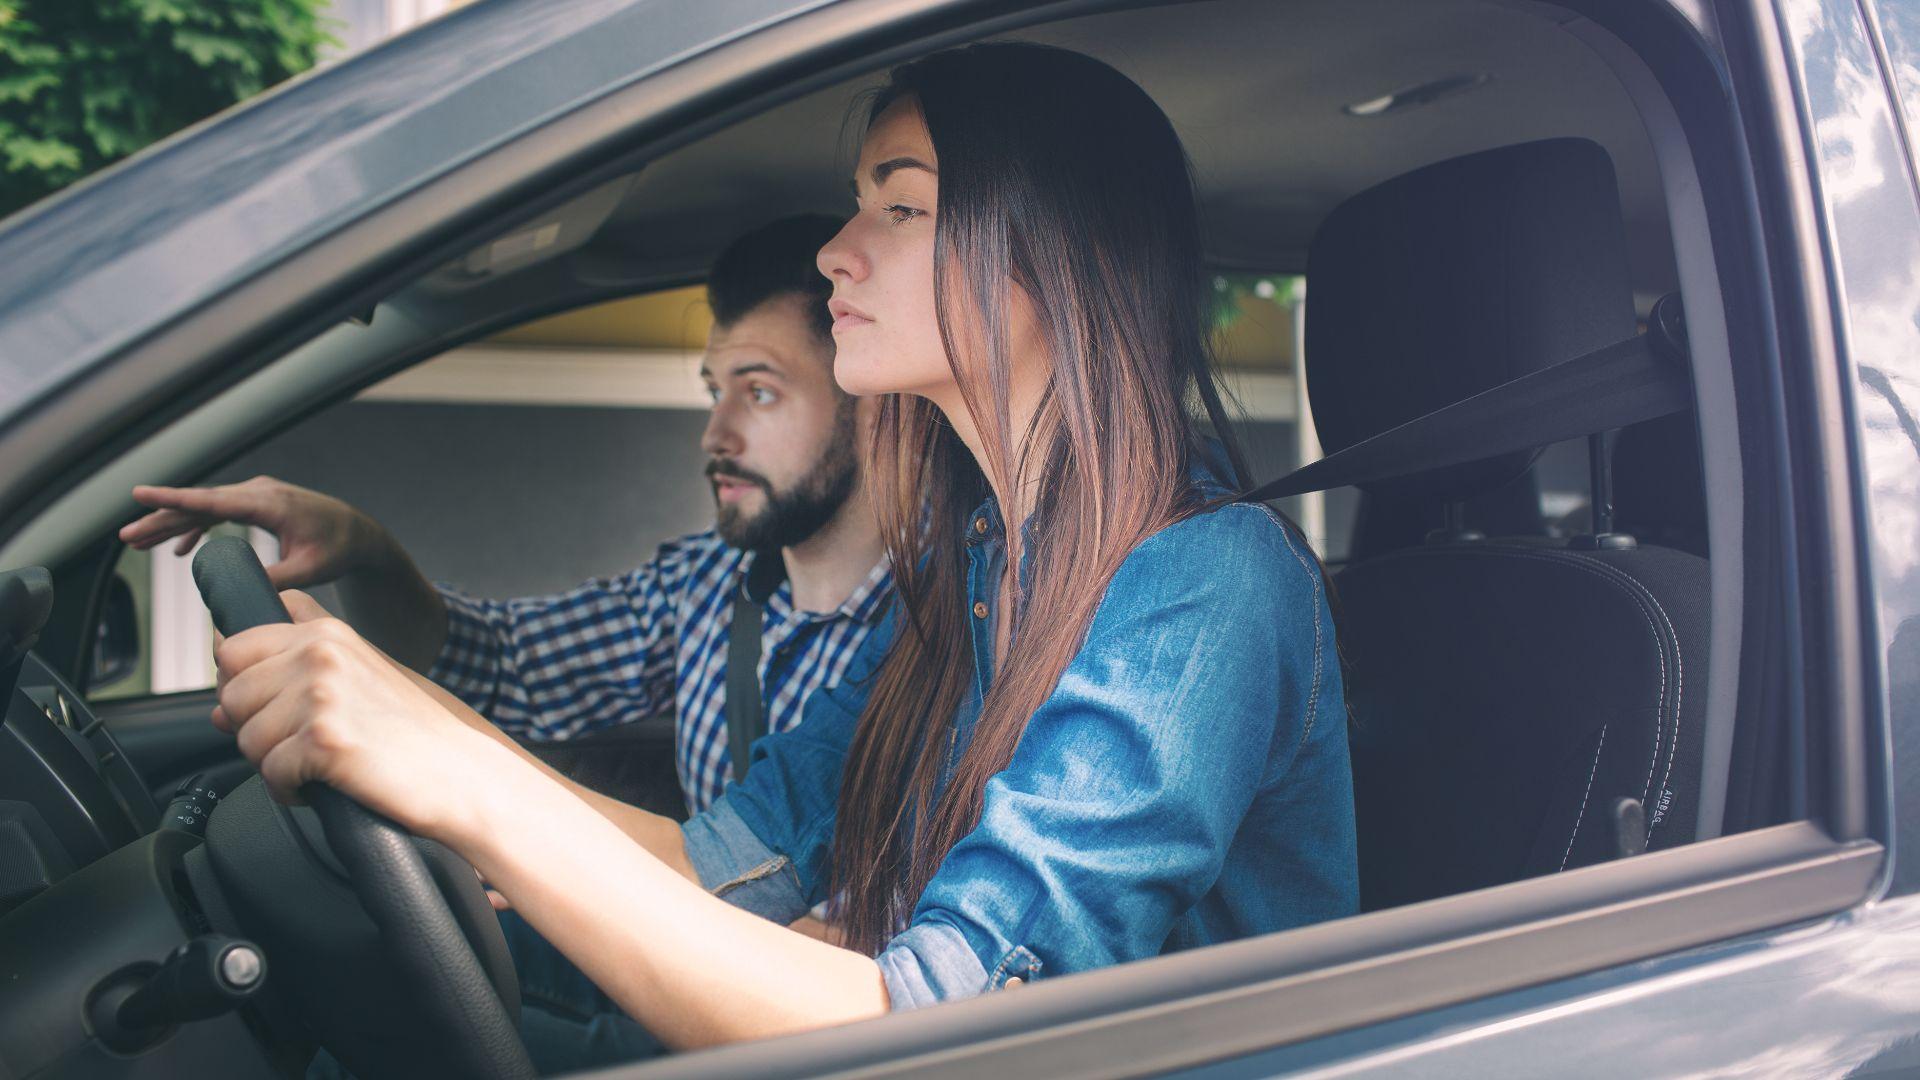 Reasons we fail driving tests